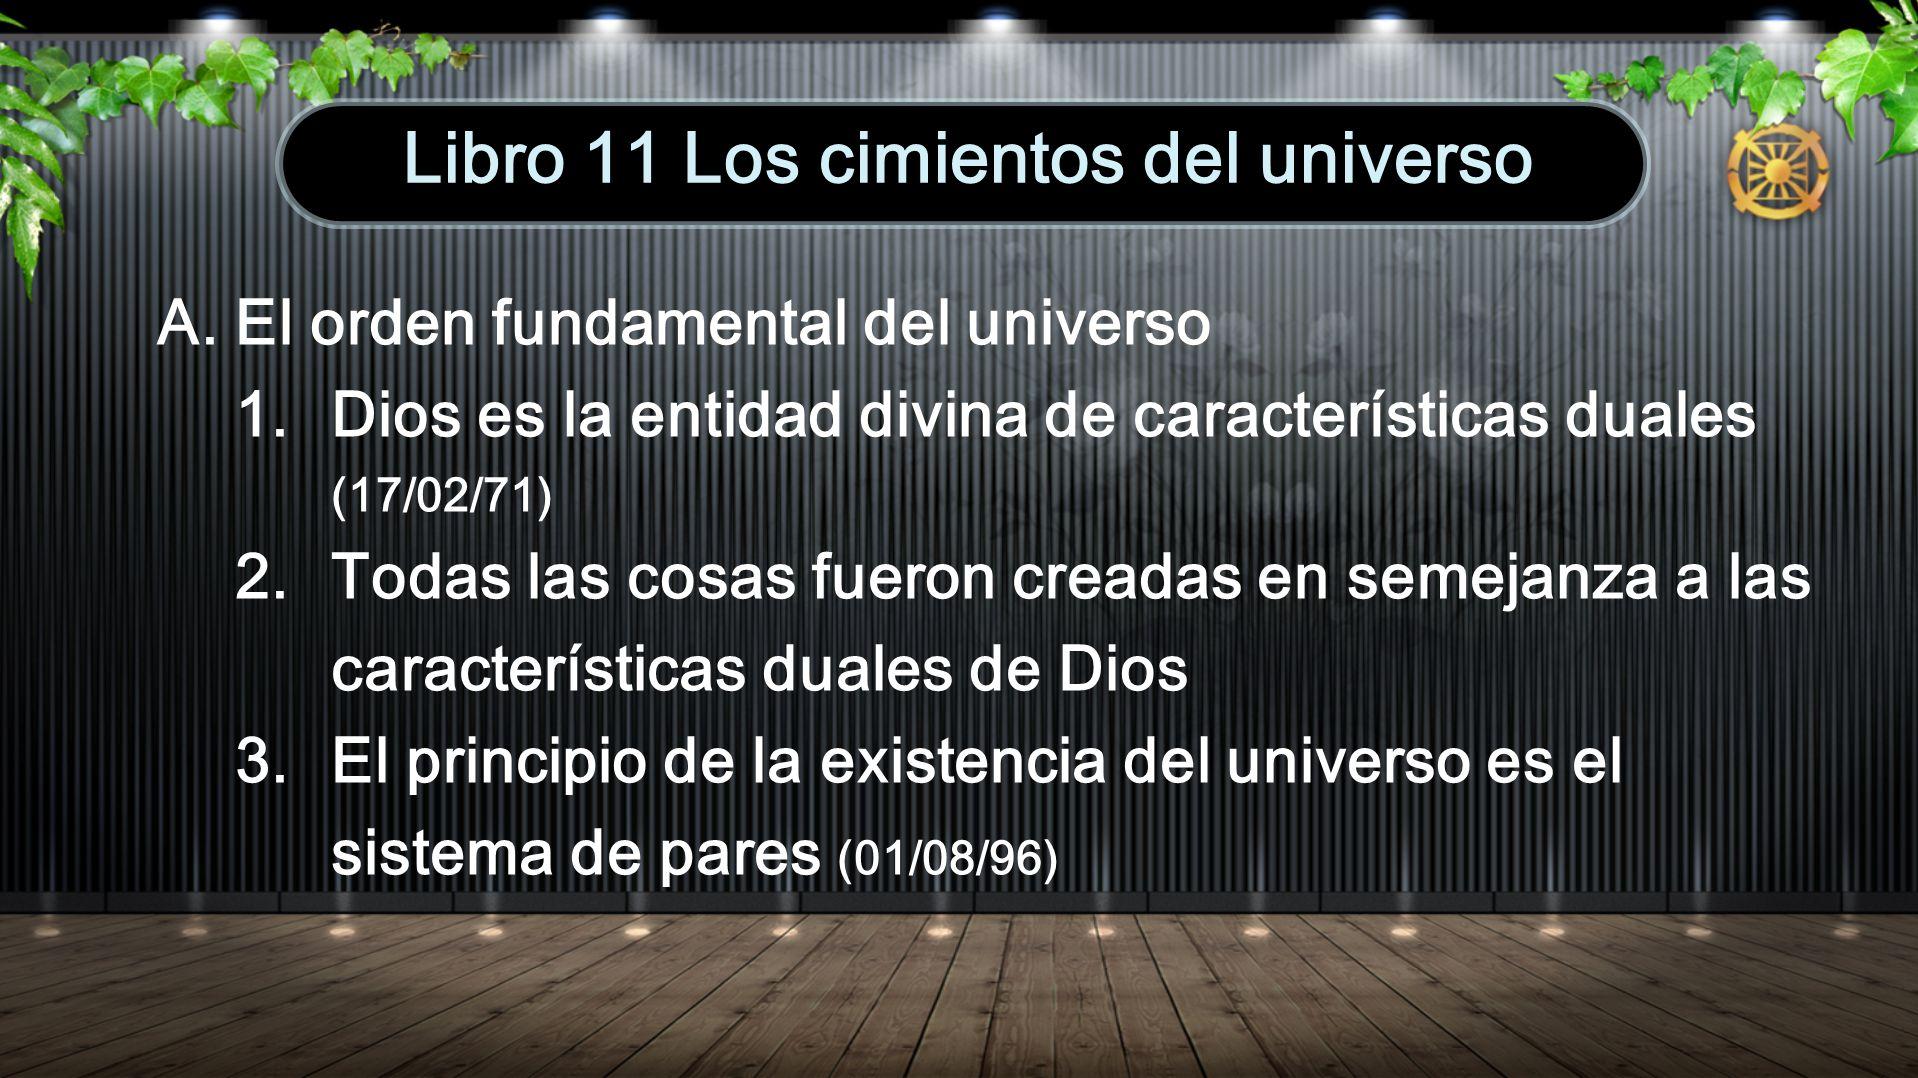 A. El orden fundamental del universo 1. Dios es la entidad divina de características duales (17/02/71) 2. Todas las cosas fueron creadas en semejanza